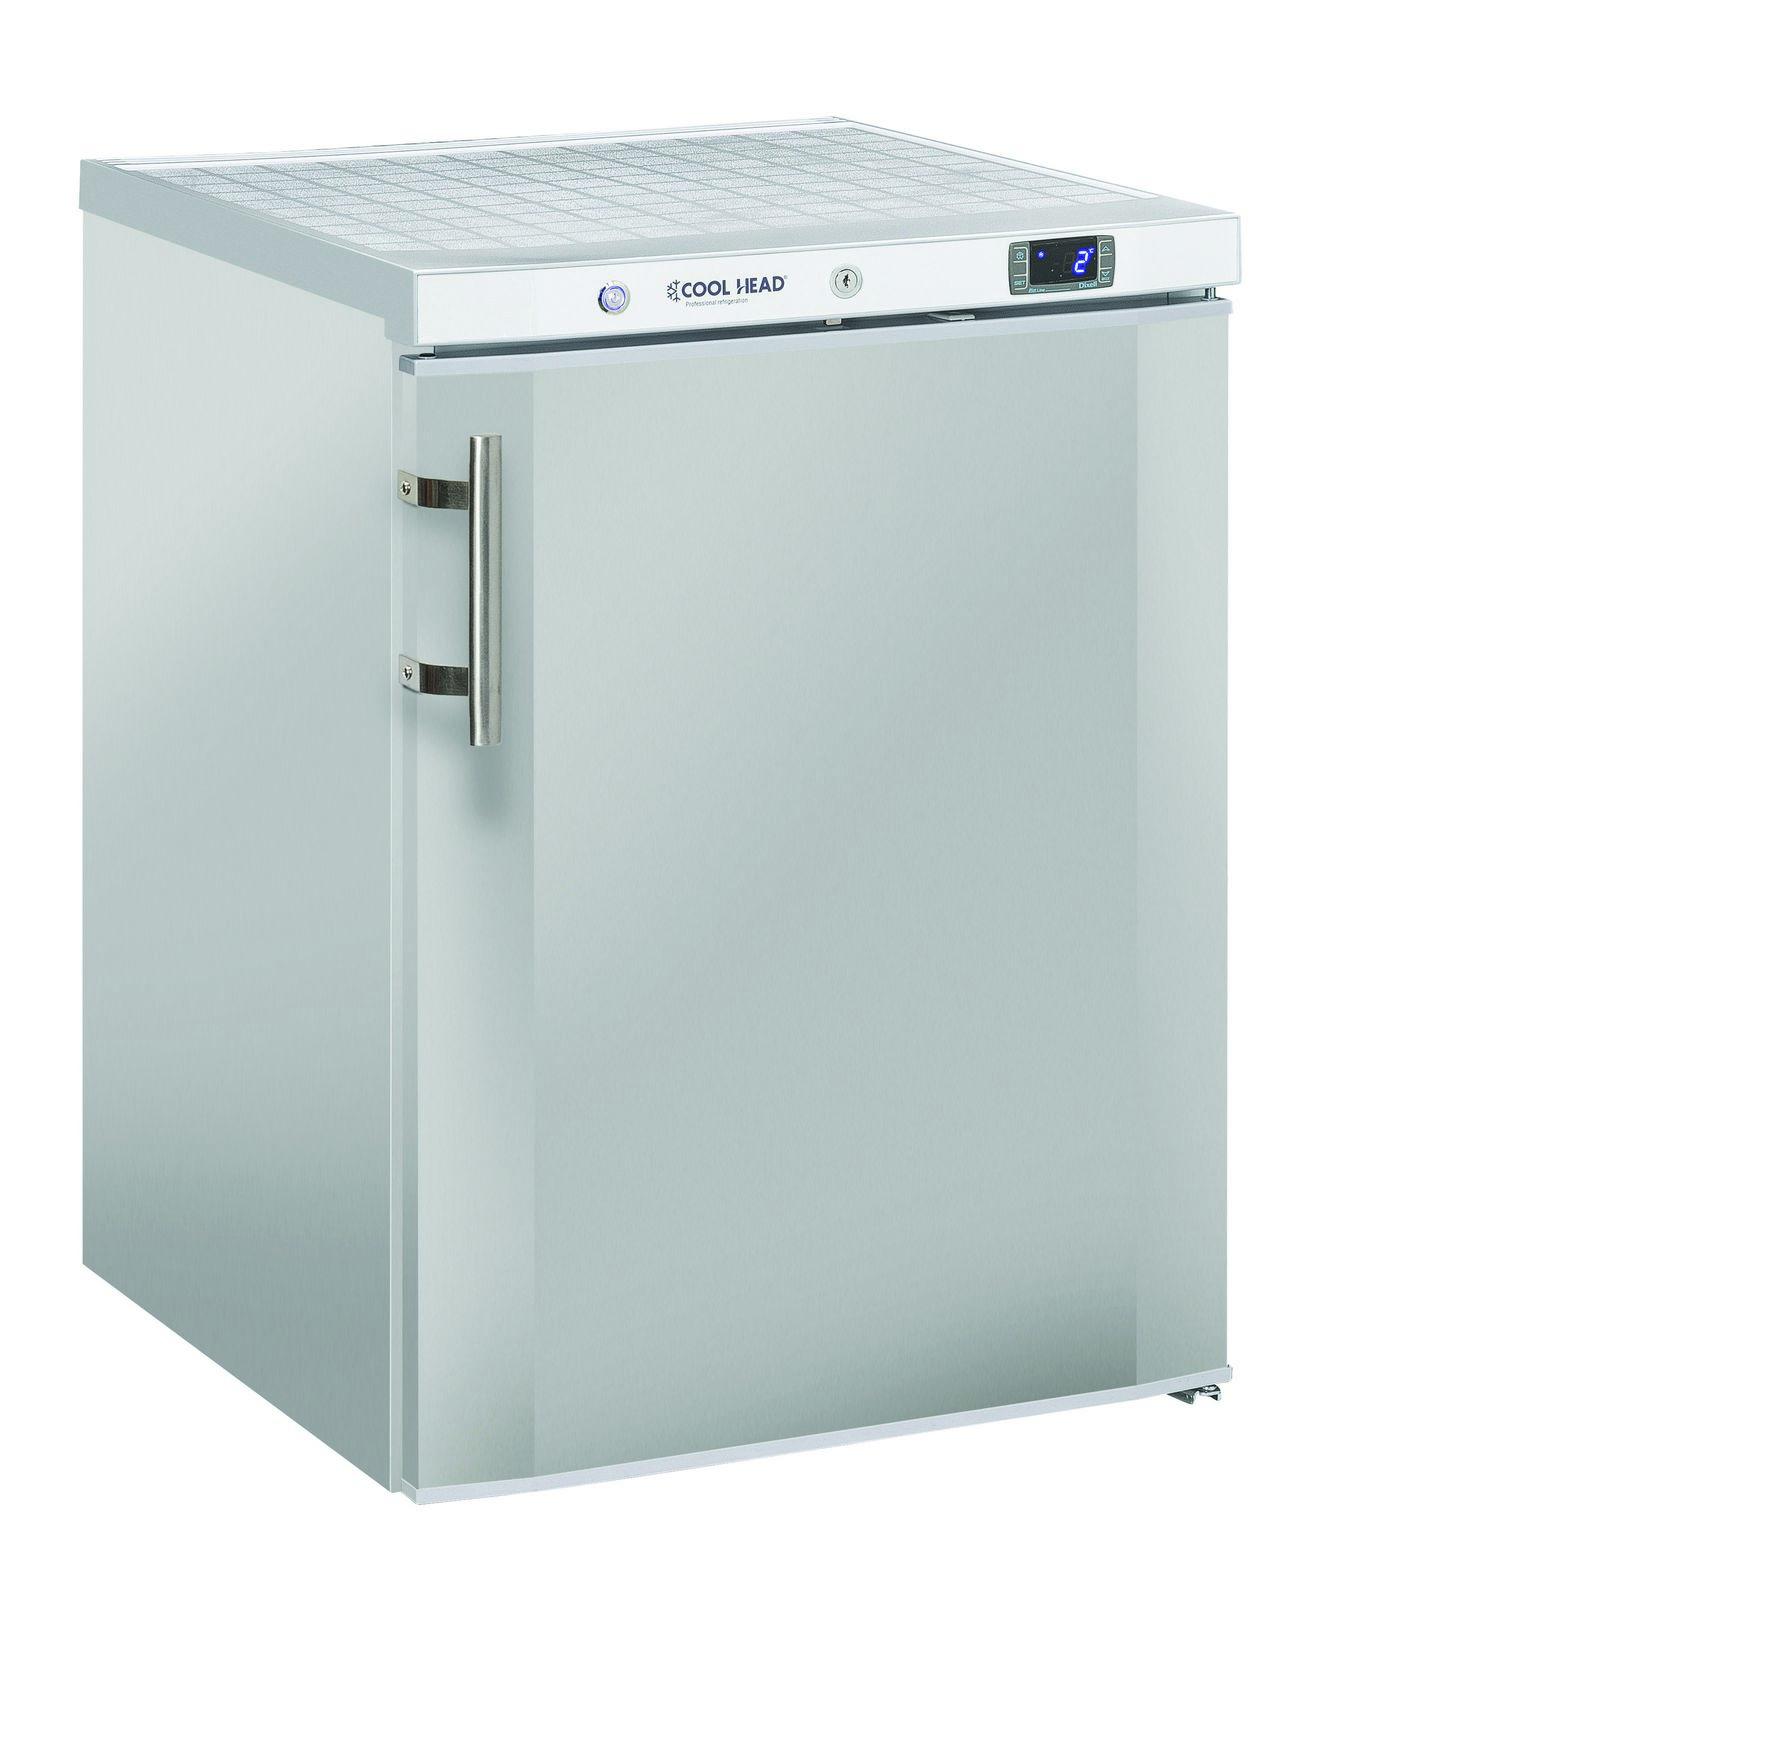 200 literes hűtő, ventilációs hűtéssel, teli ajtóval, rozsdamentes